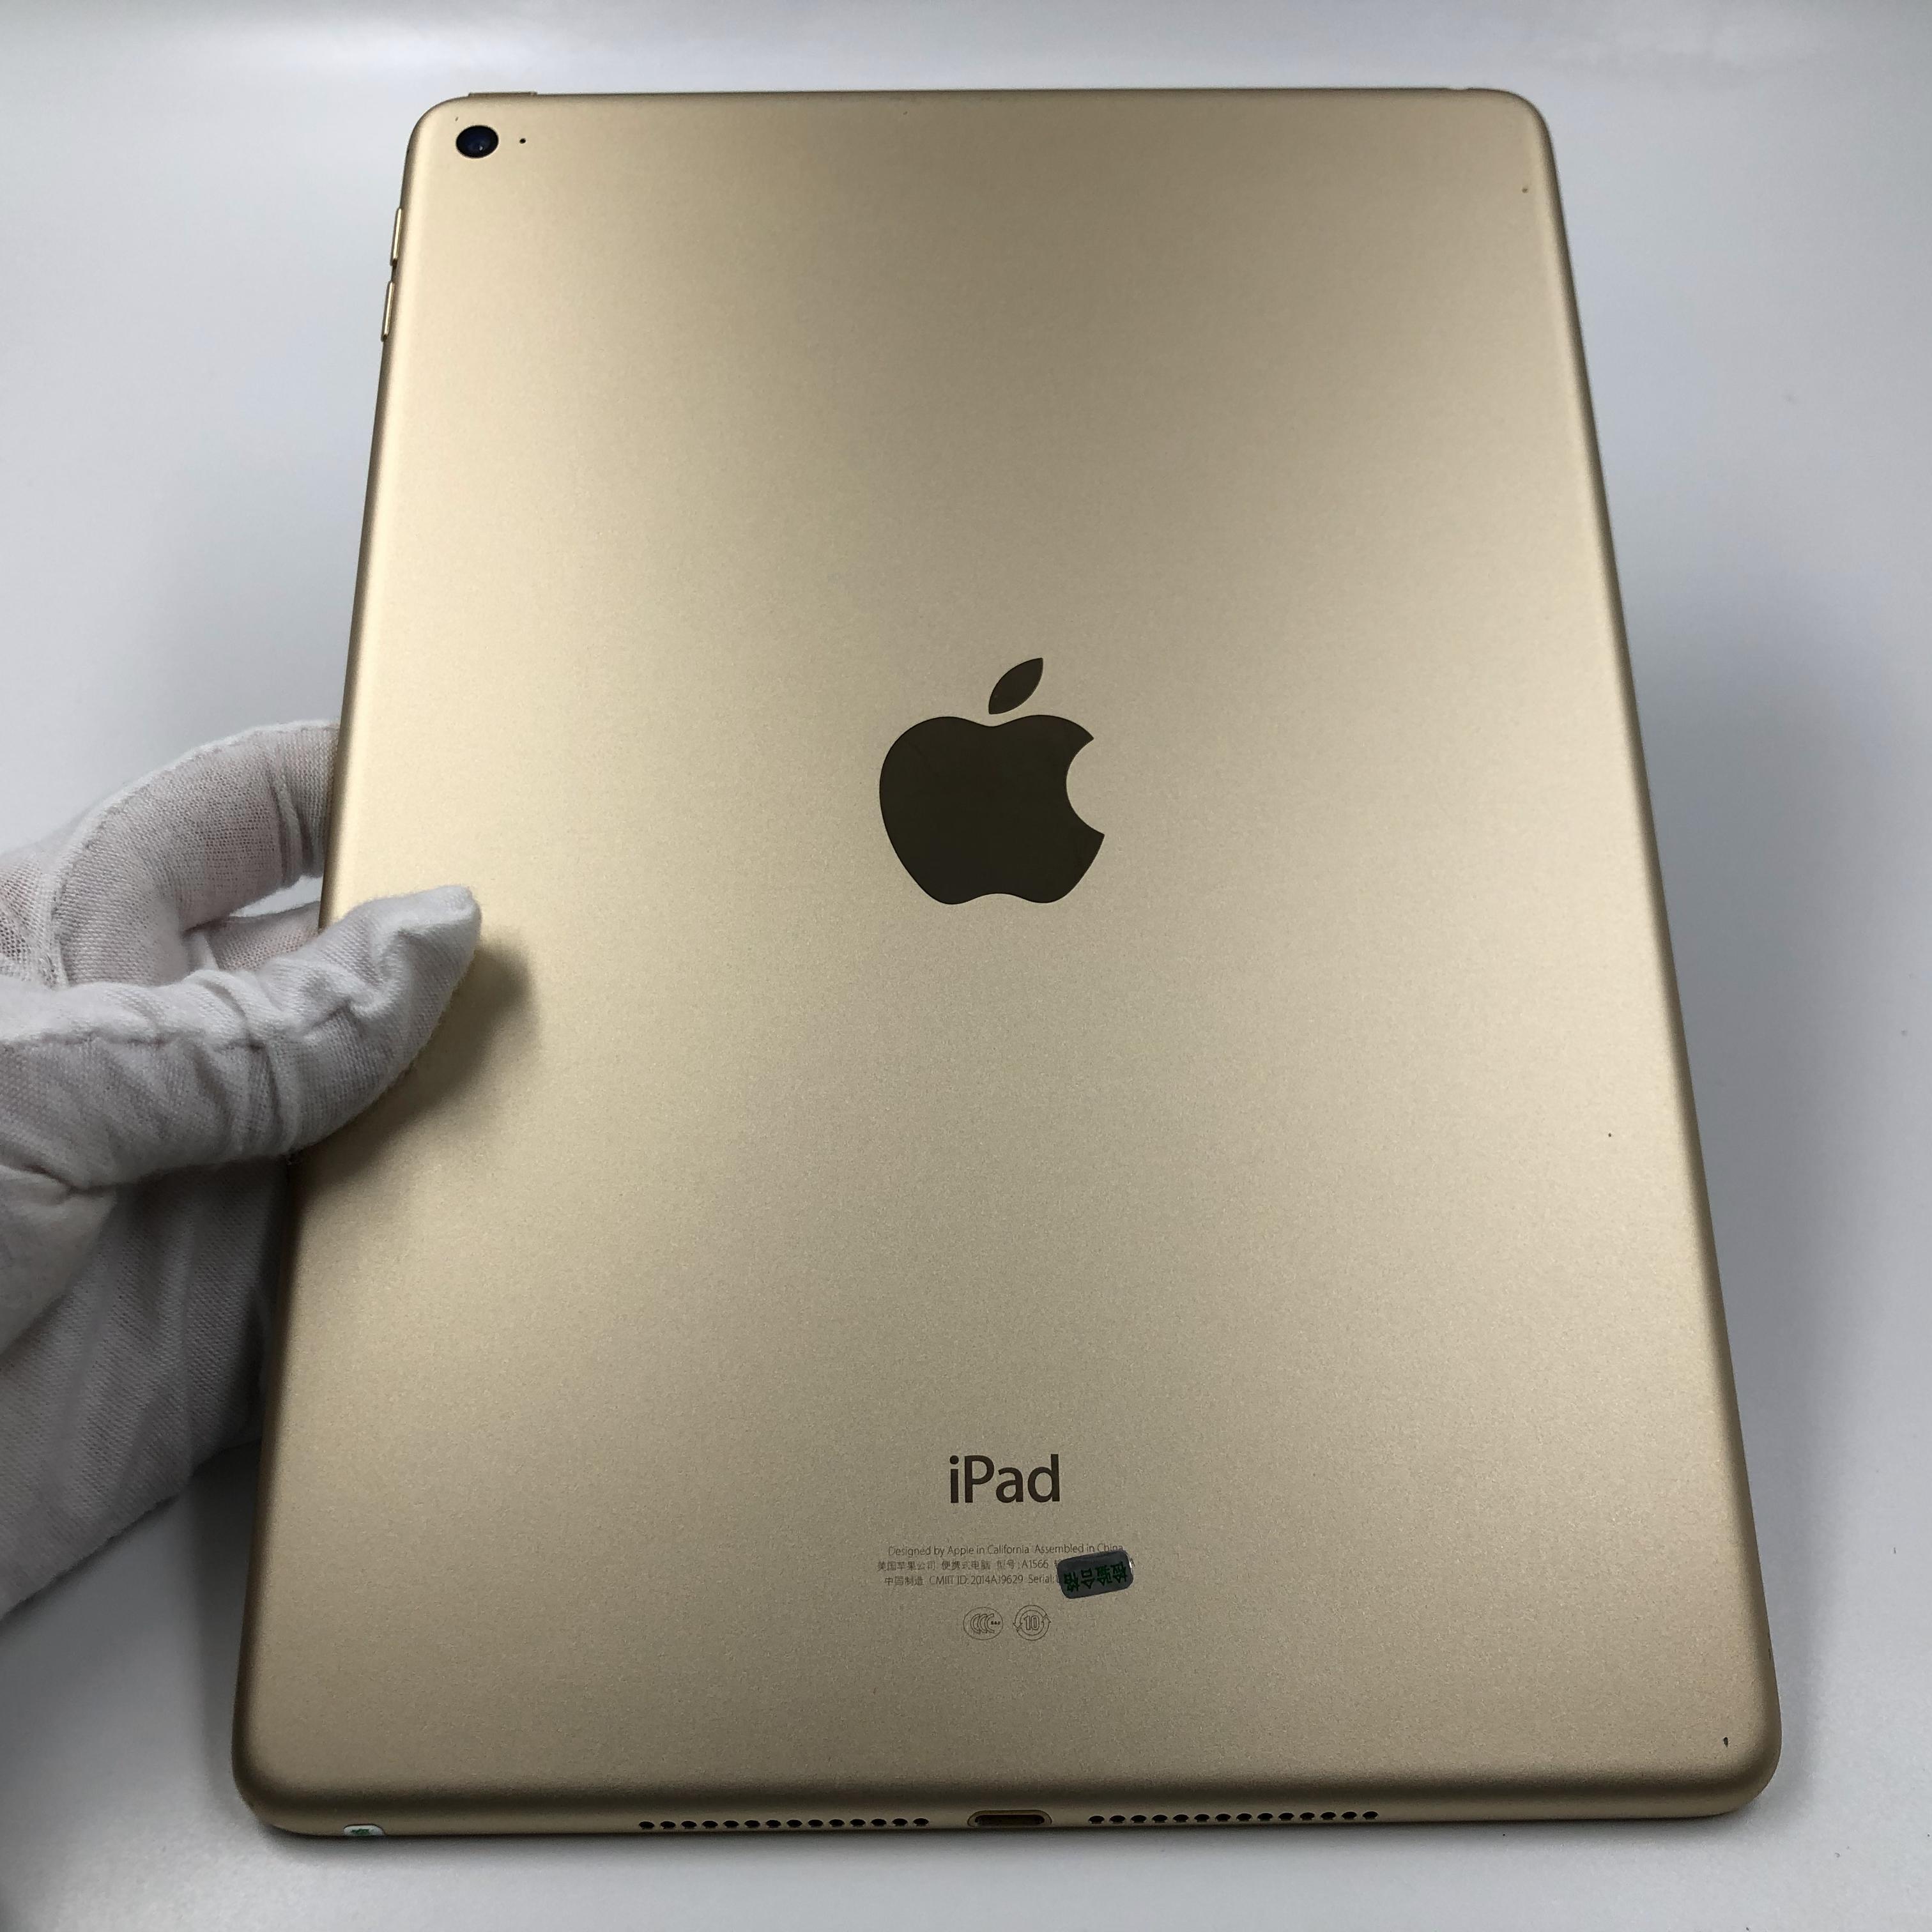 苹果【iPad Air 2】WIFI版 金色 16G 国行 7成新 真机实拍